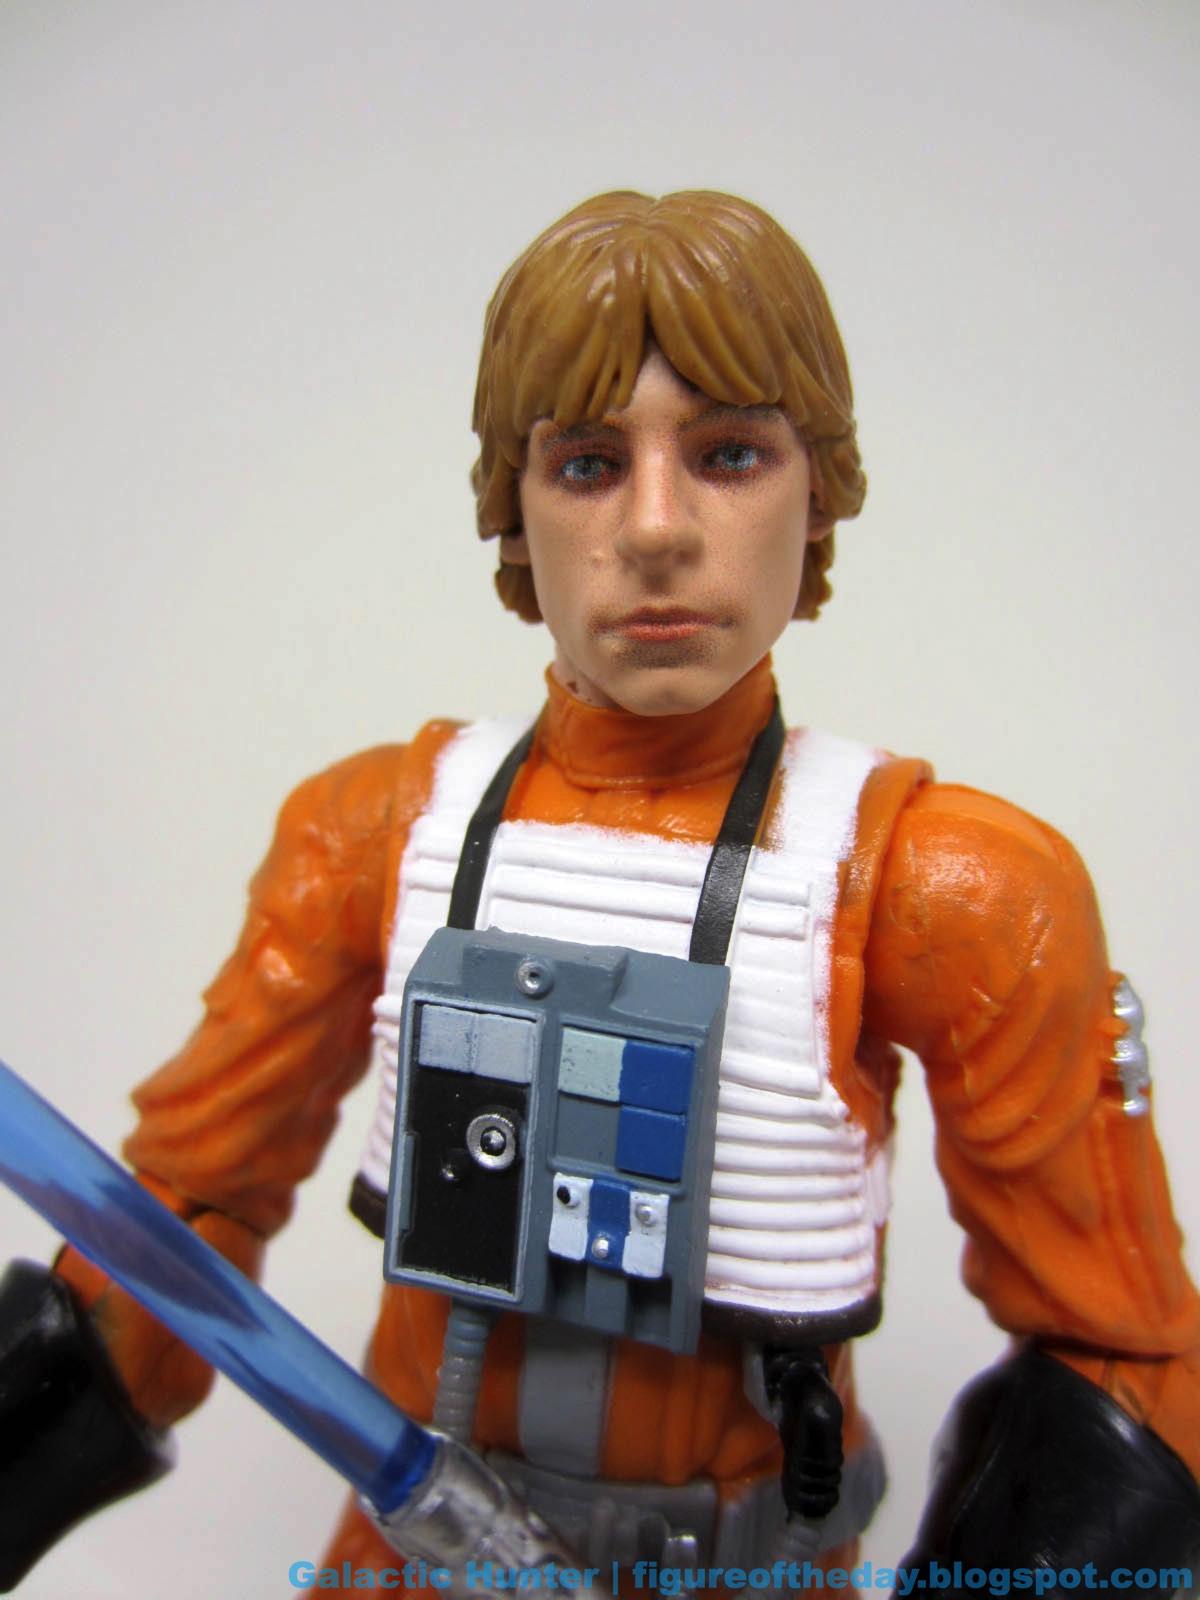 Star Wars The Black Series Archive Luke Skywalker in X-Wing Gear HASBRO Action